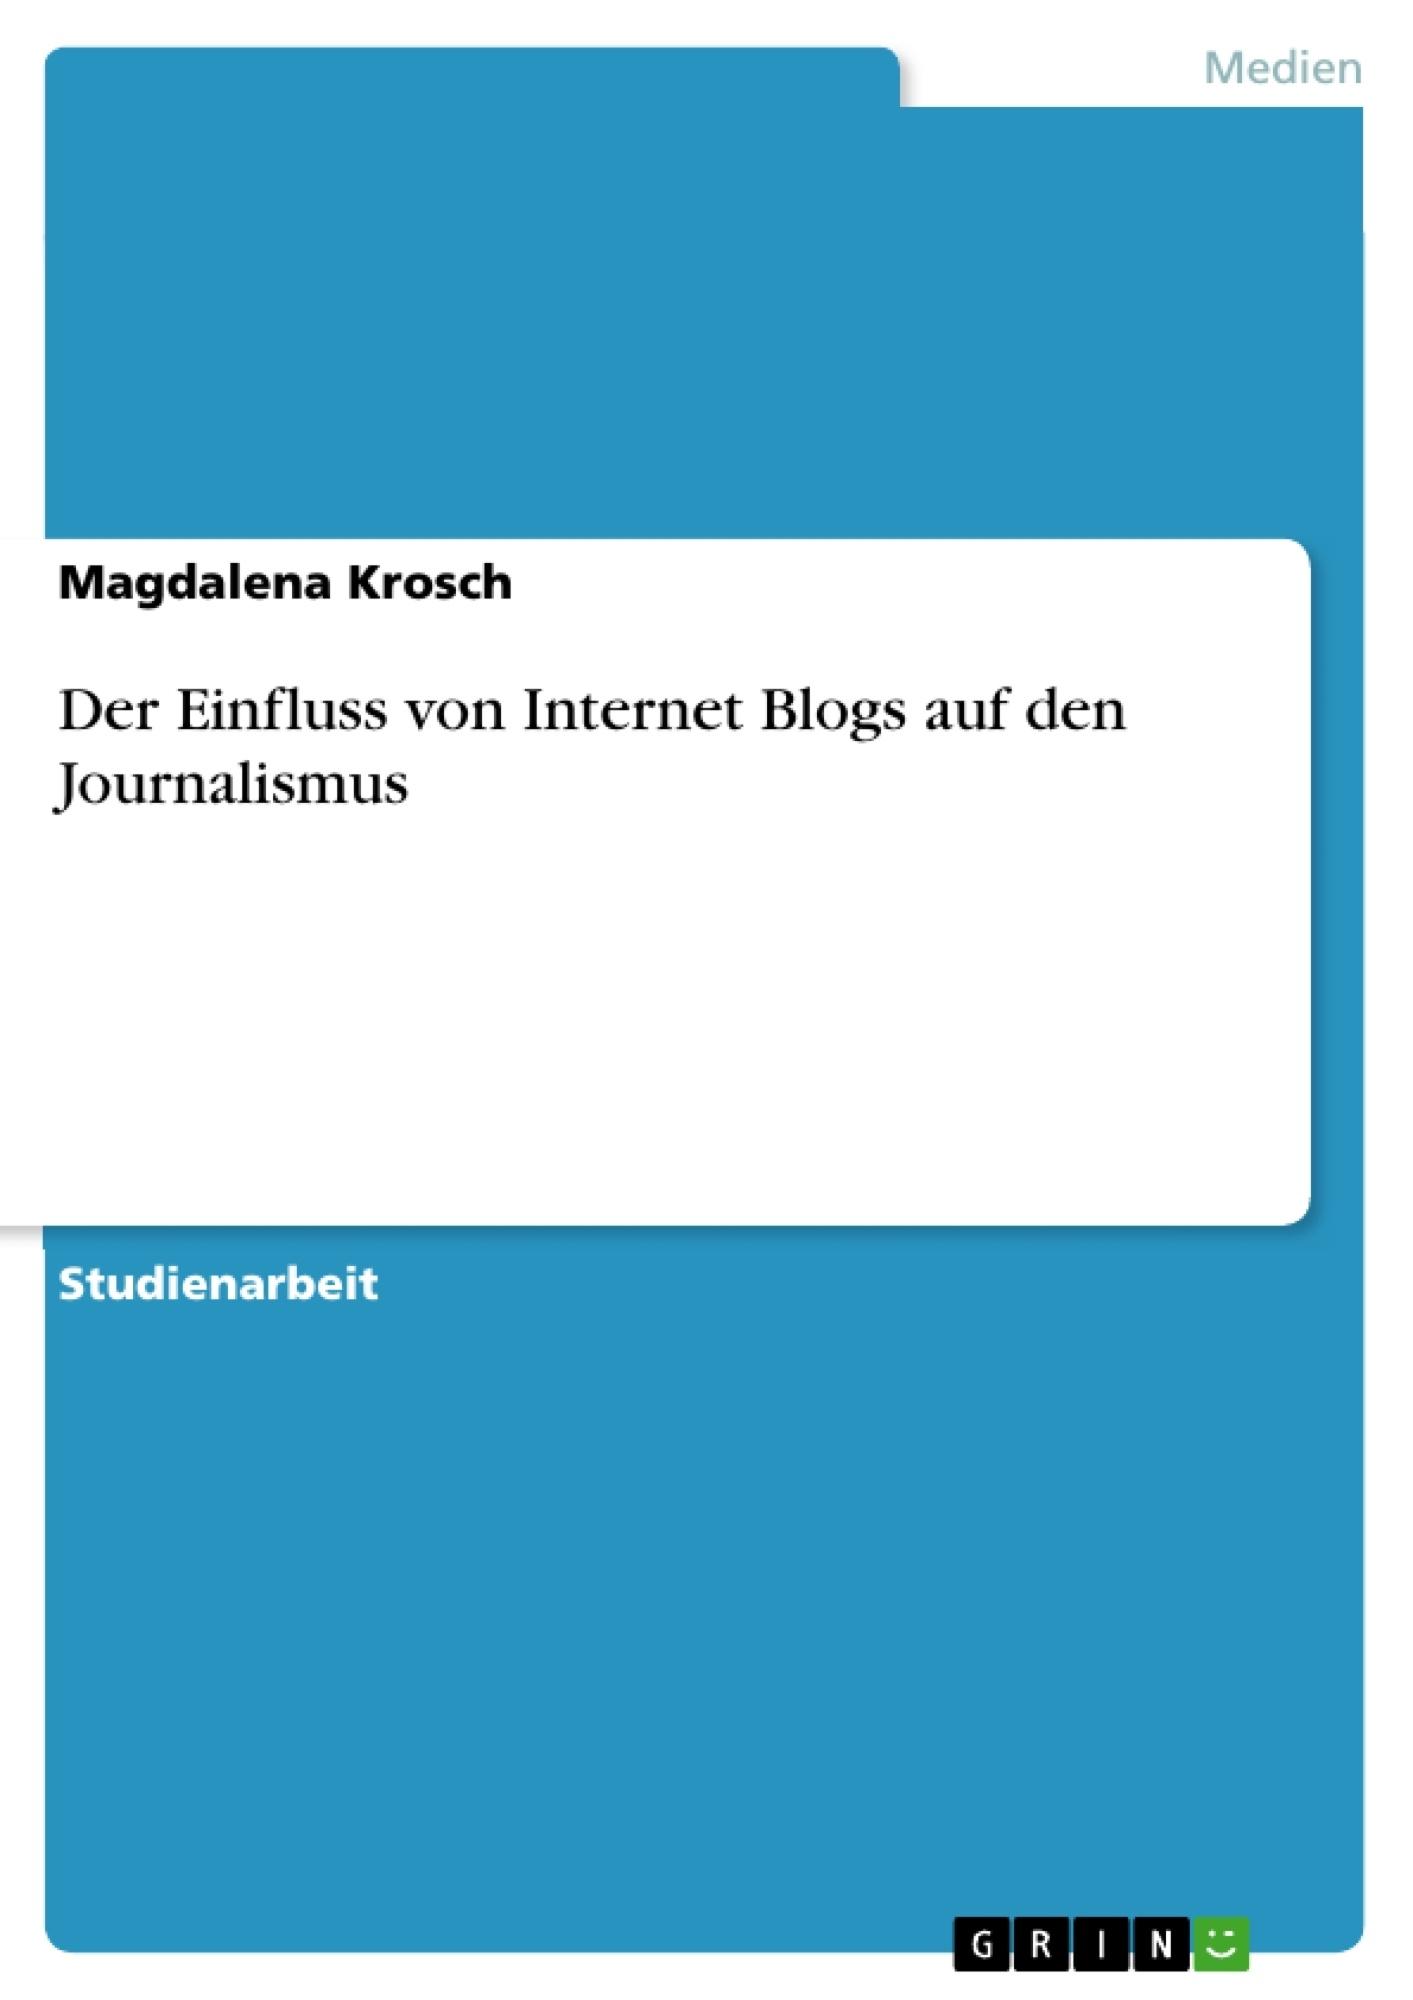 Titel: Der Einfluss von Internet Blogs auf den Journalismus